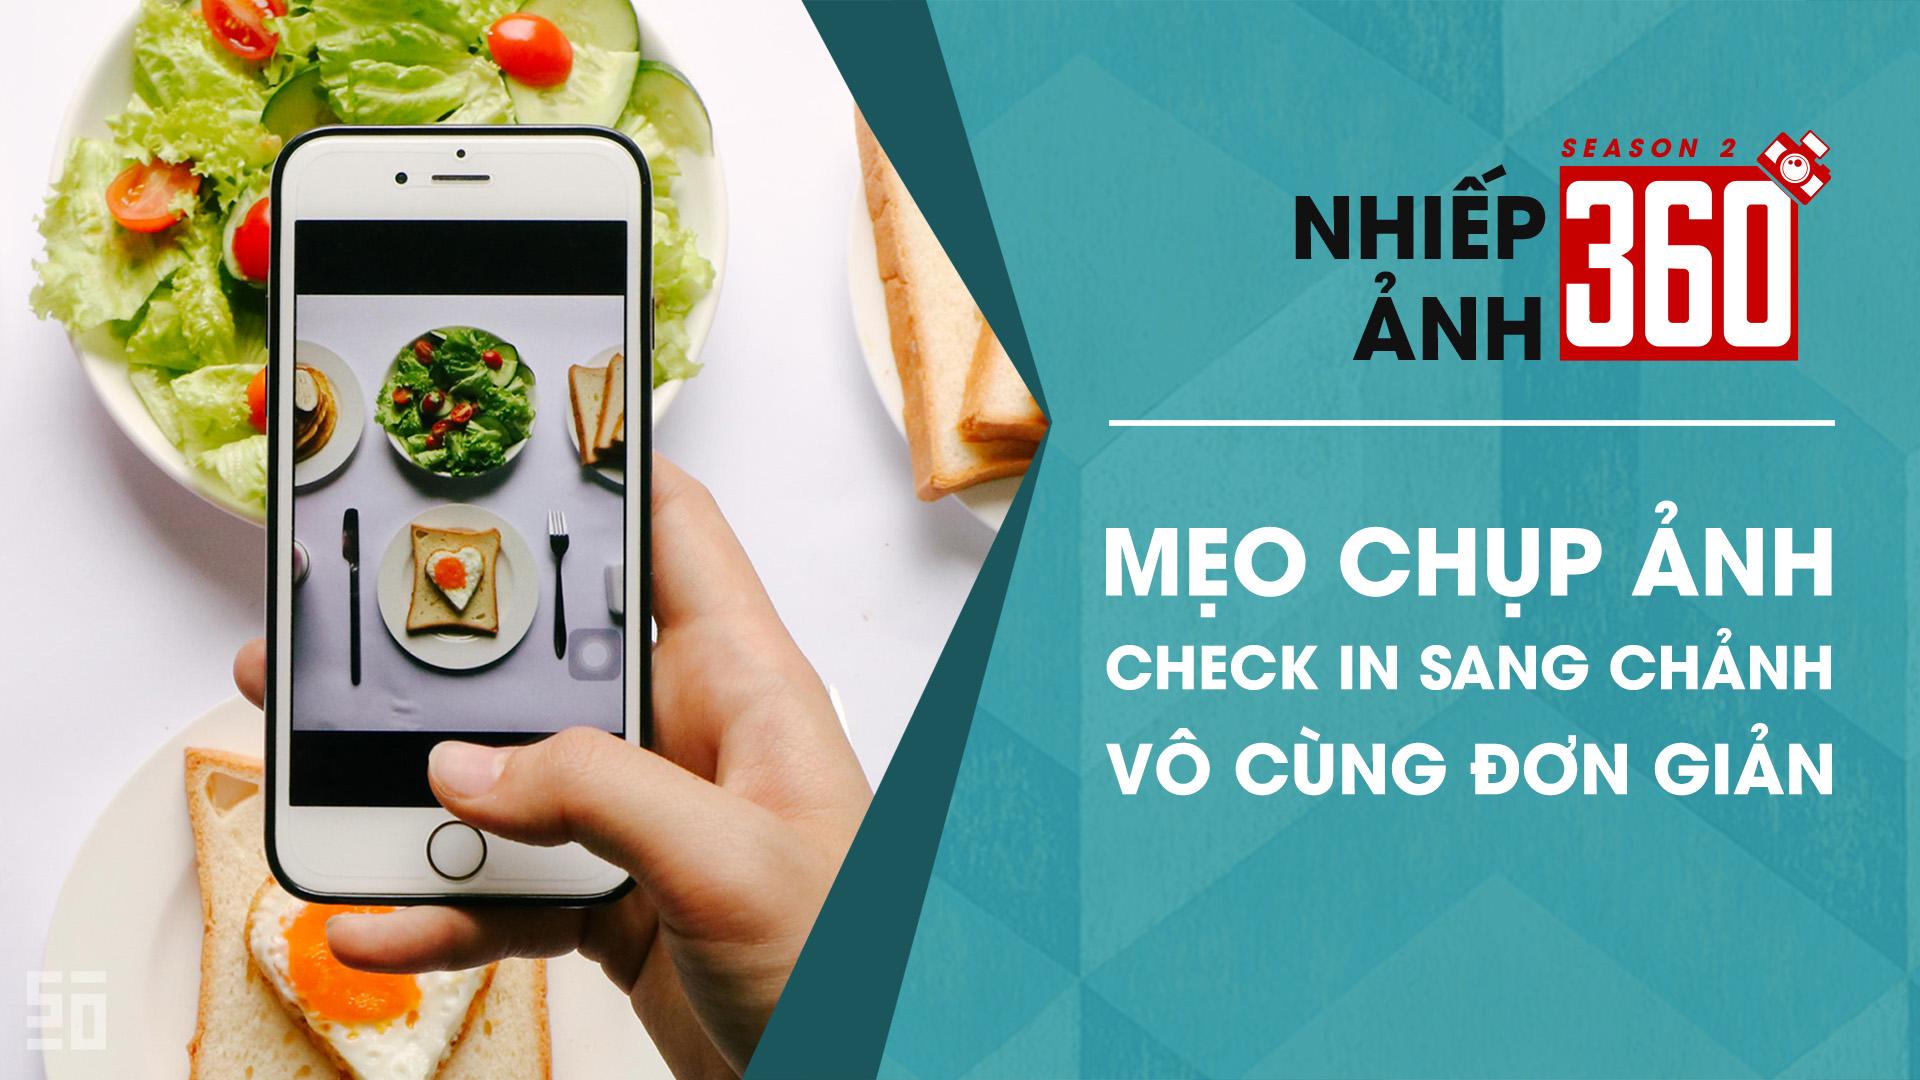 Nhiếp ảnh 360 S02 EP05: Chụp ảnh check in sang chảnh tại gia! | 50mm Vietnam